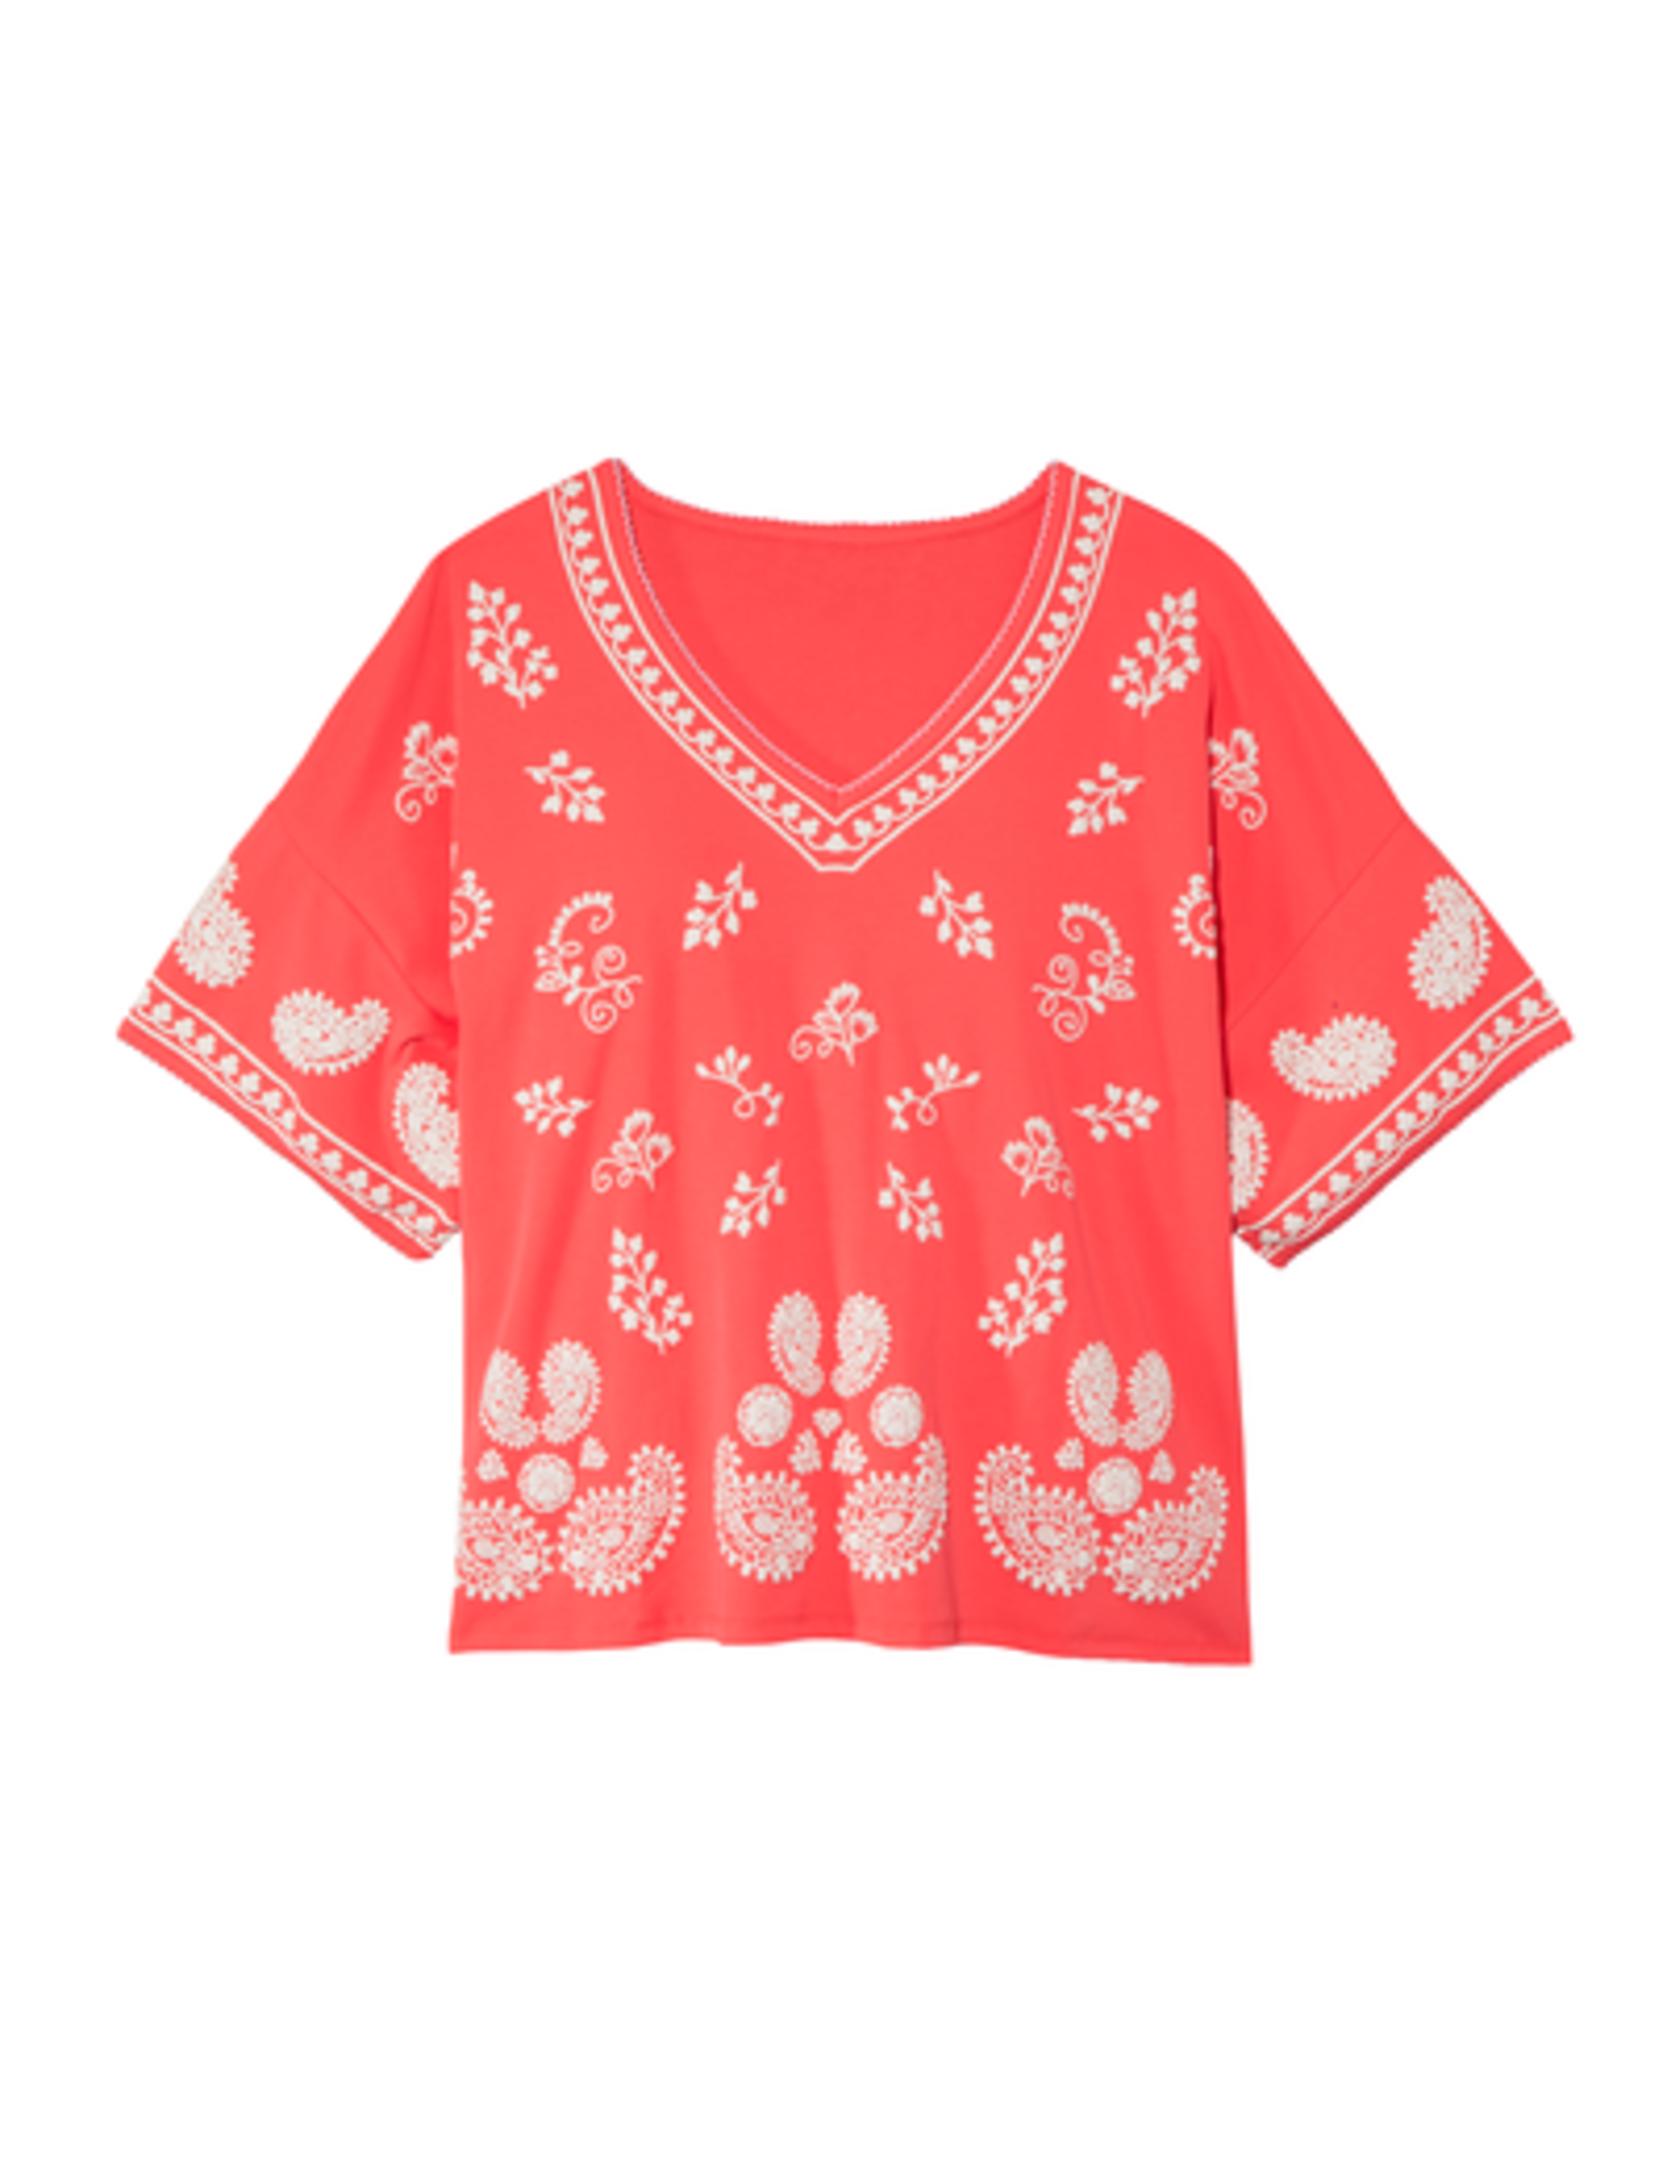 plus size new arrivals coral boho blouse